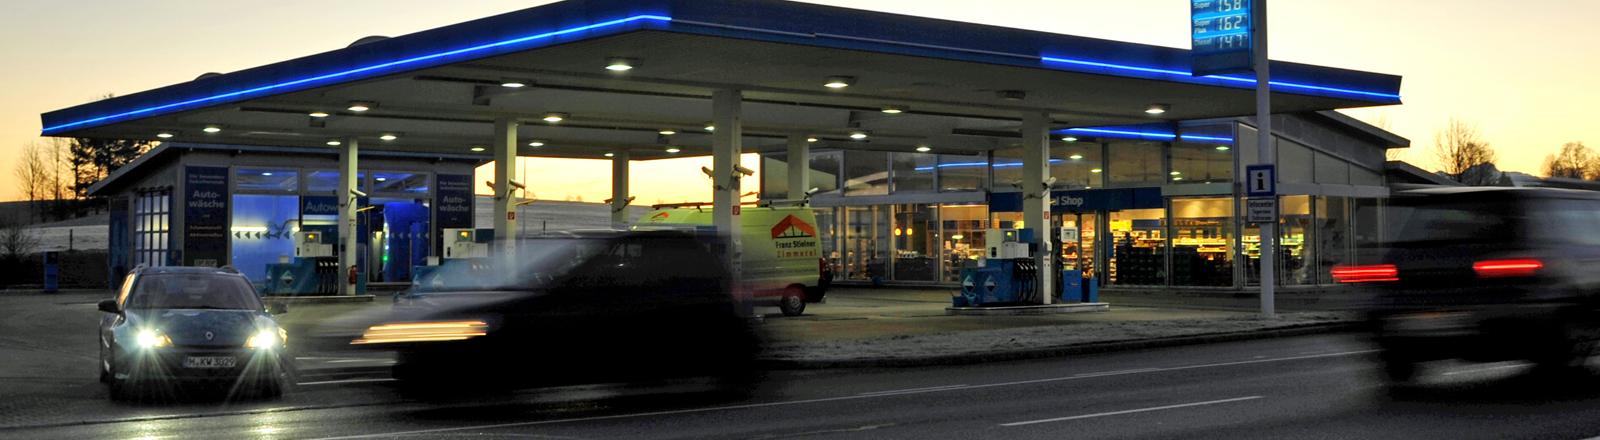 Tankstelle im Abendlicht